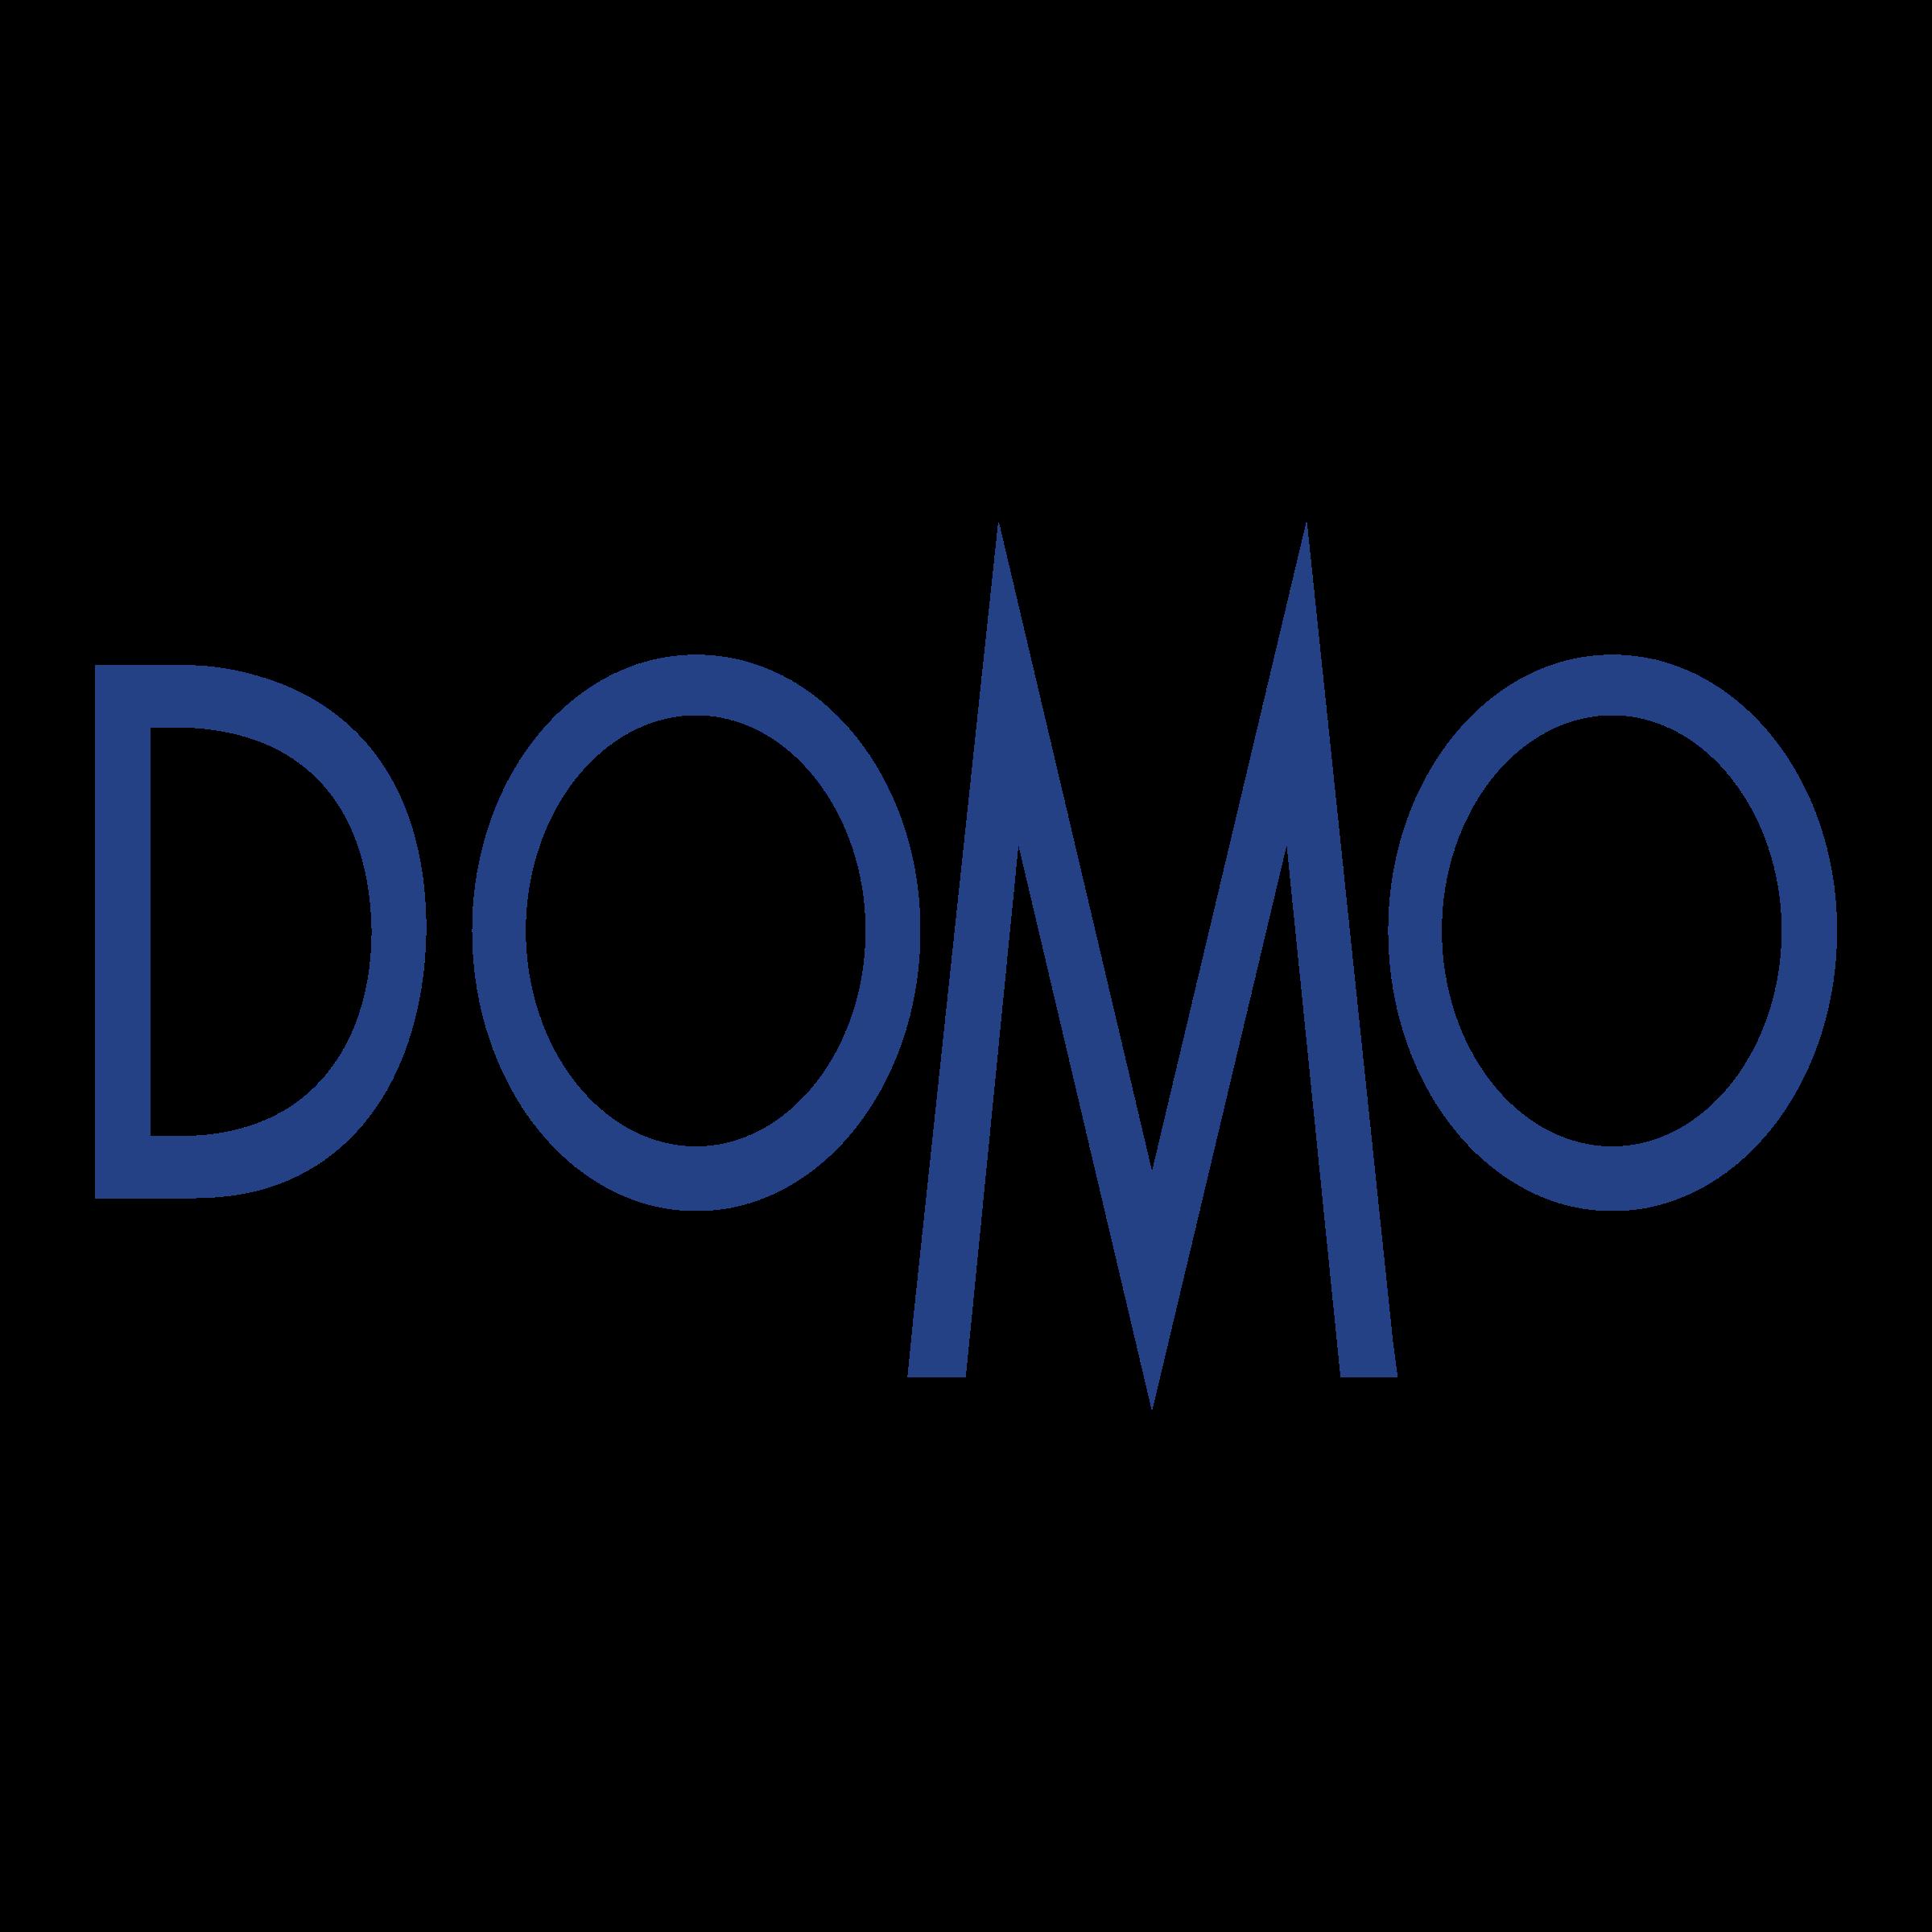 Domo Logo PNG Transparent & SVG Vector.